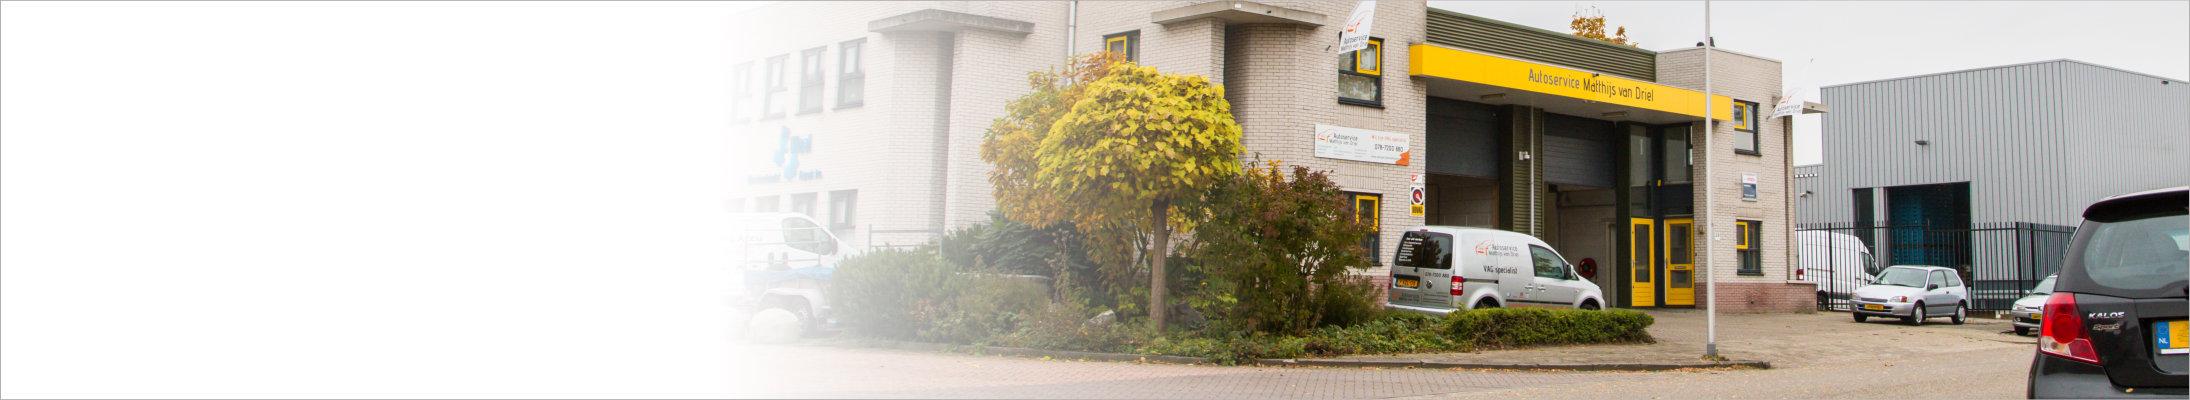 Autoservice Matthijs van Driel - Onderhoud, Reparatie en VAG Specialist